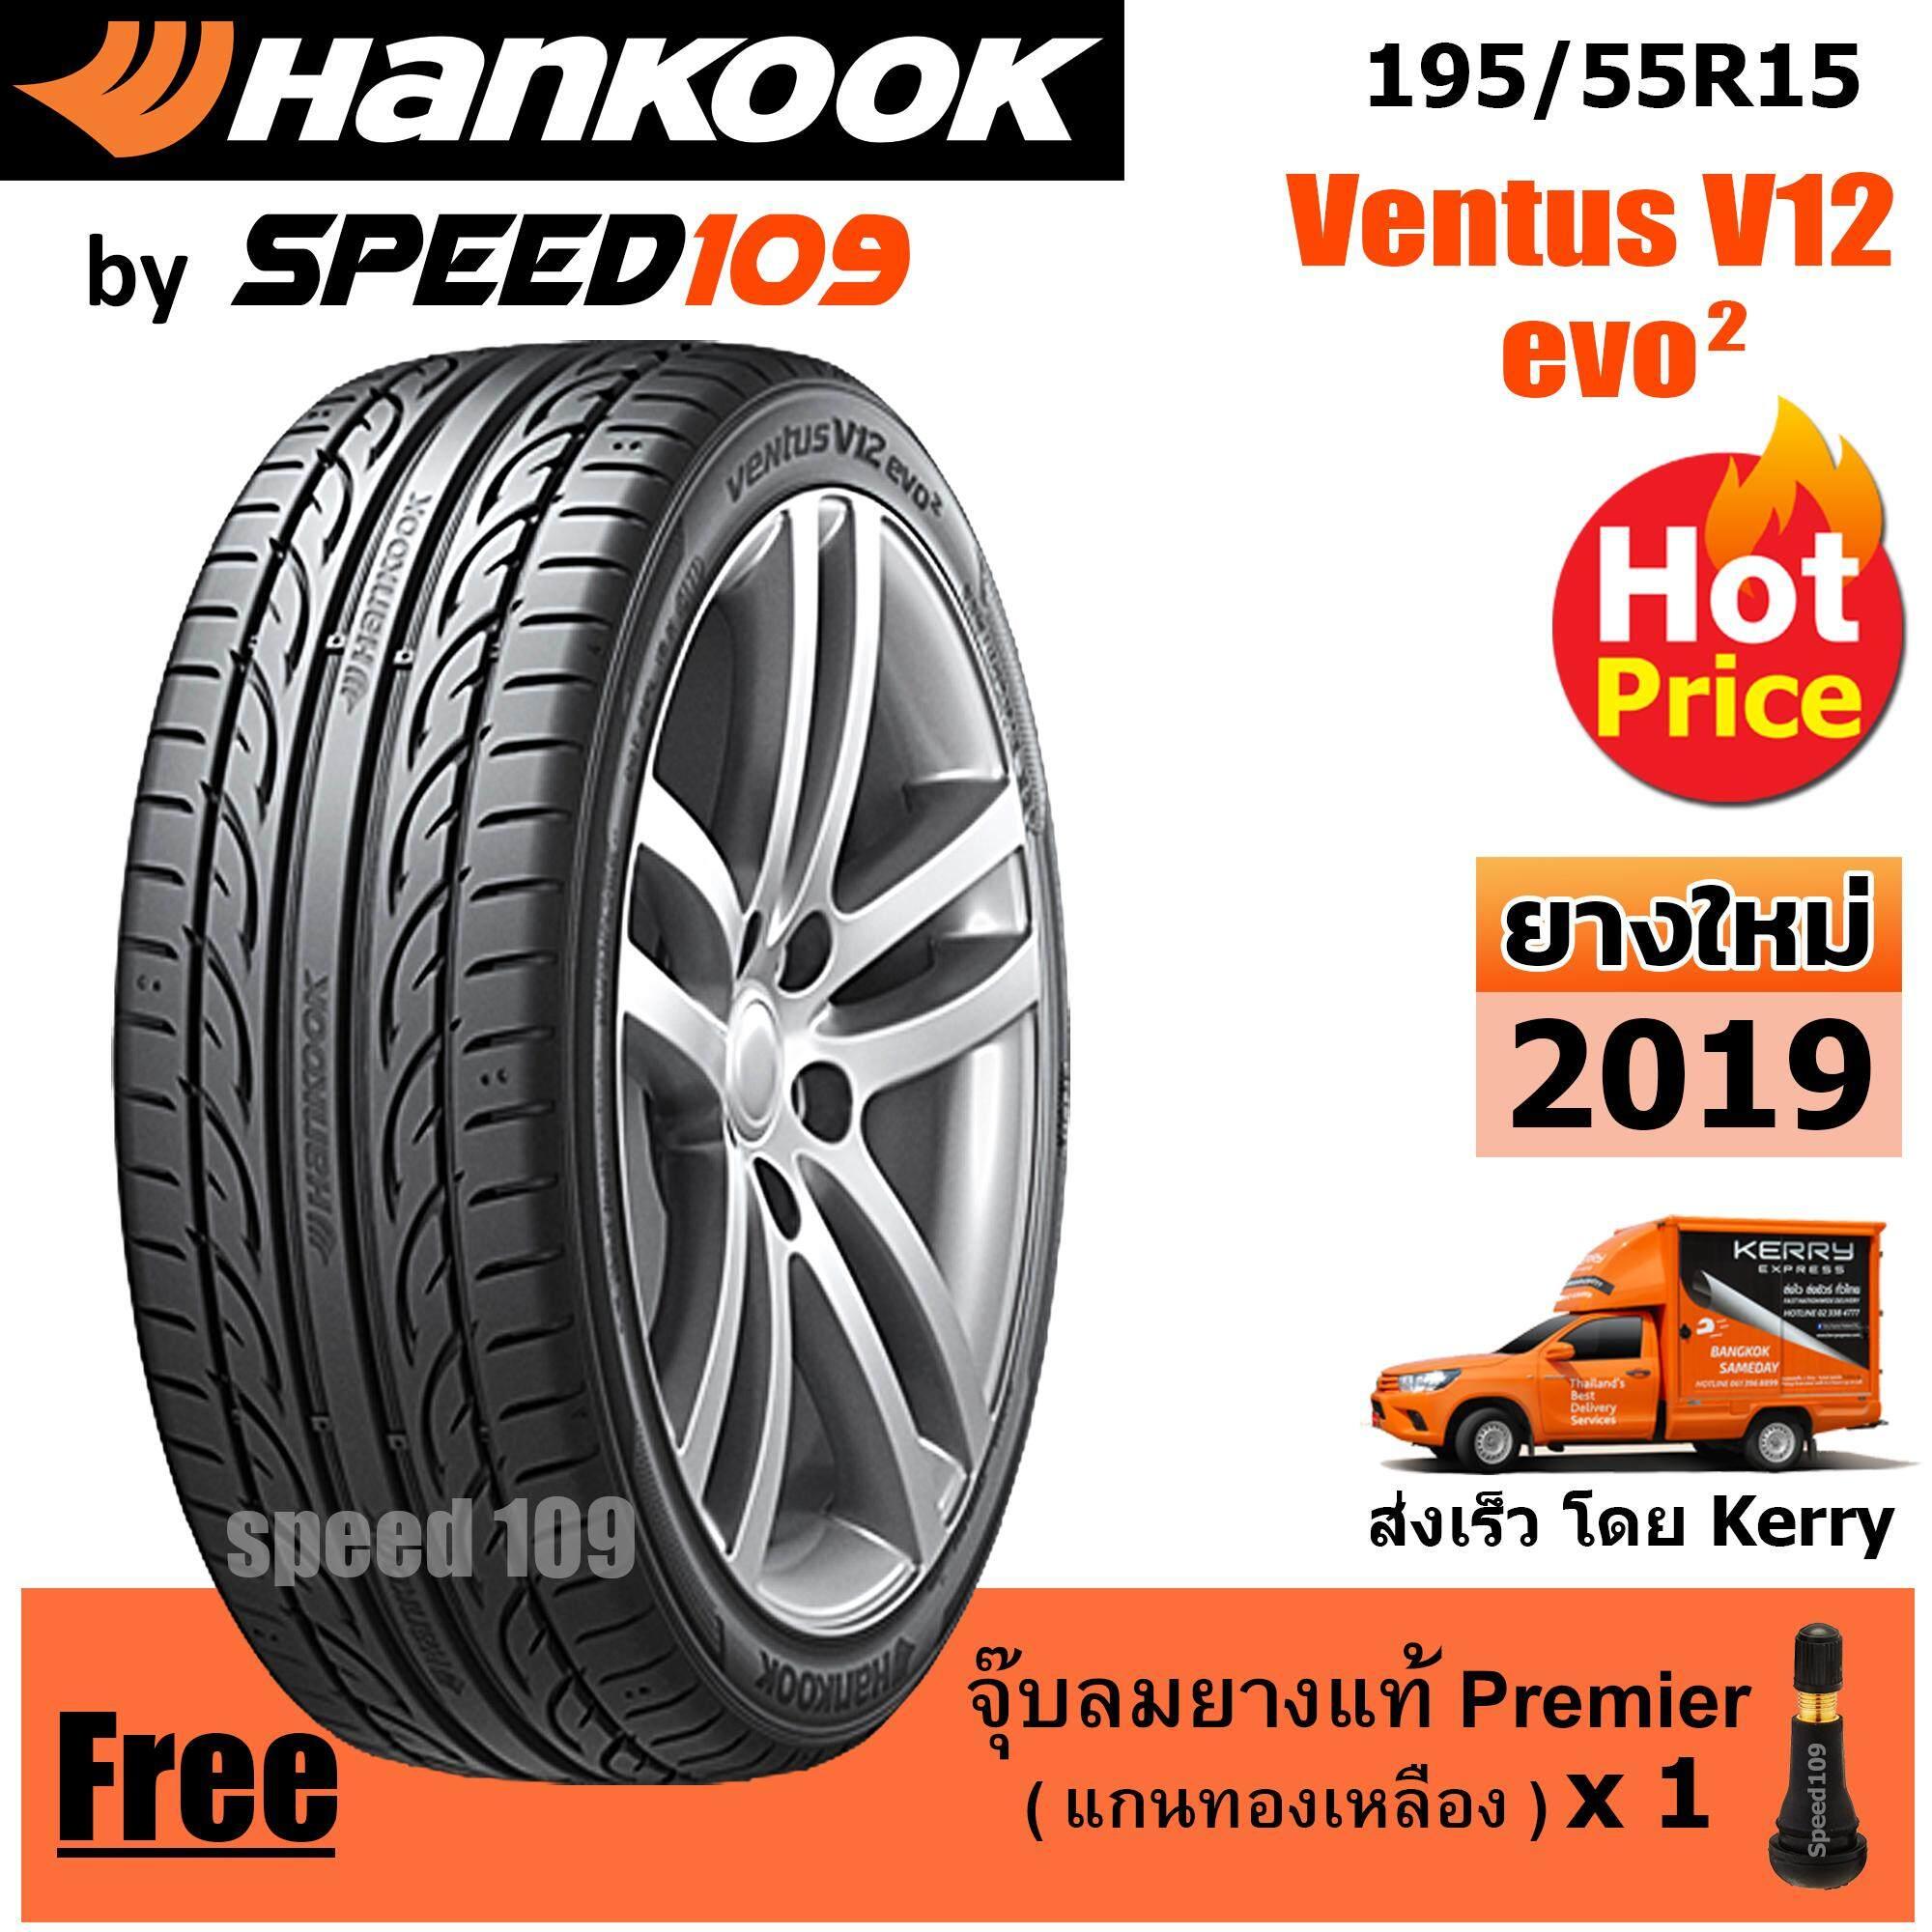 ประกันภัย รถยนต์ 2+ อุทัยธานี HANKOOK ยางรถยนต์ ขอบ 15 ขนาด 195/55R15 รุ่น Ventus V12 Evo2 - 1 เส้น (ปี 2019)